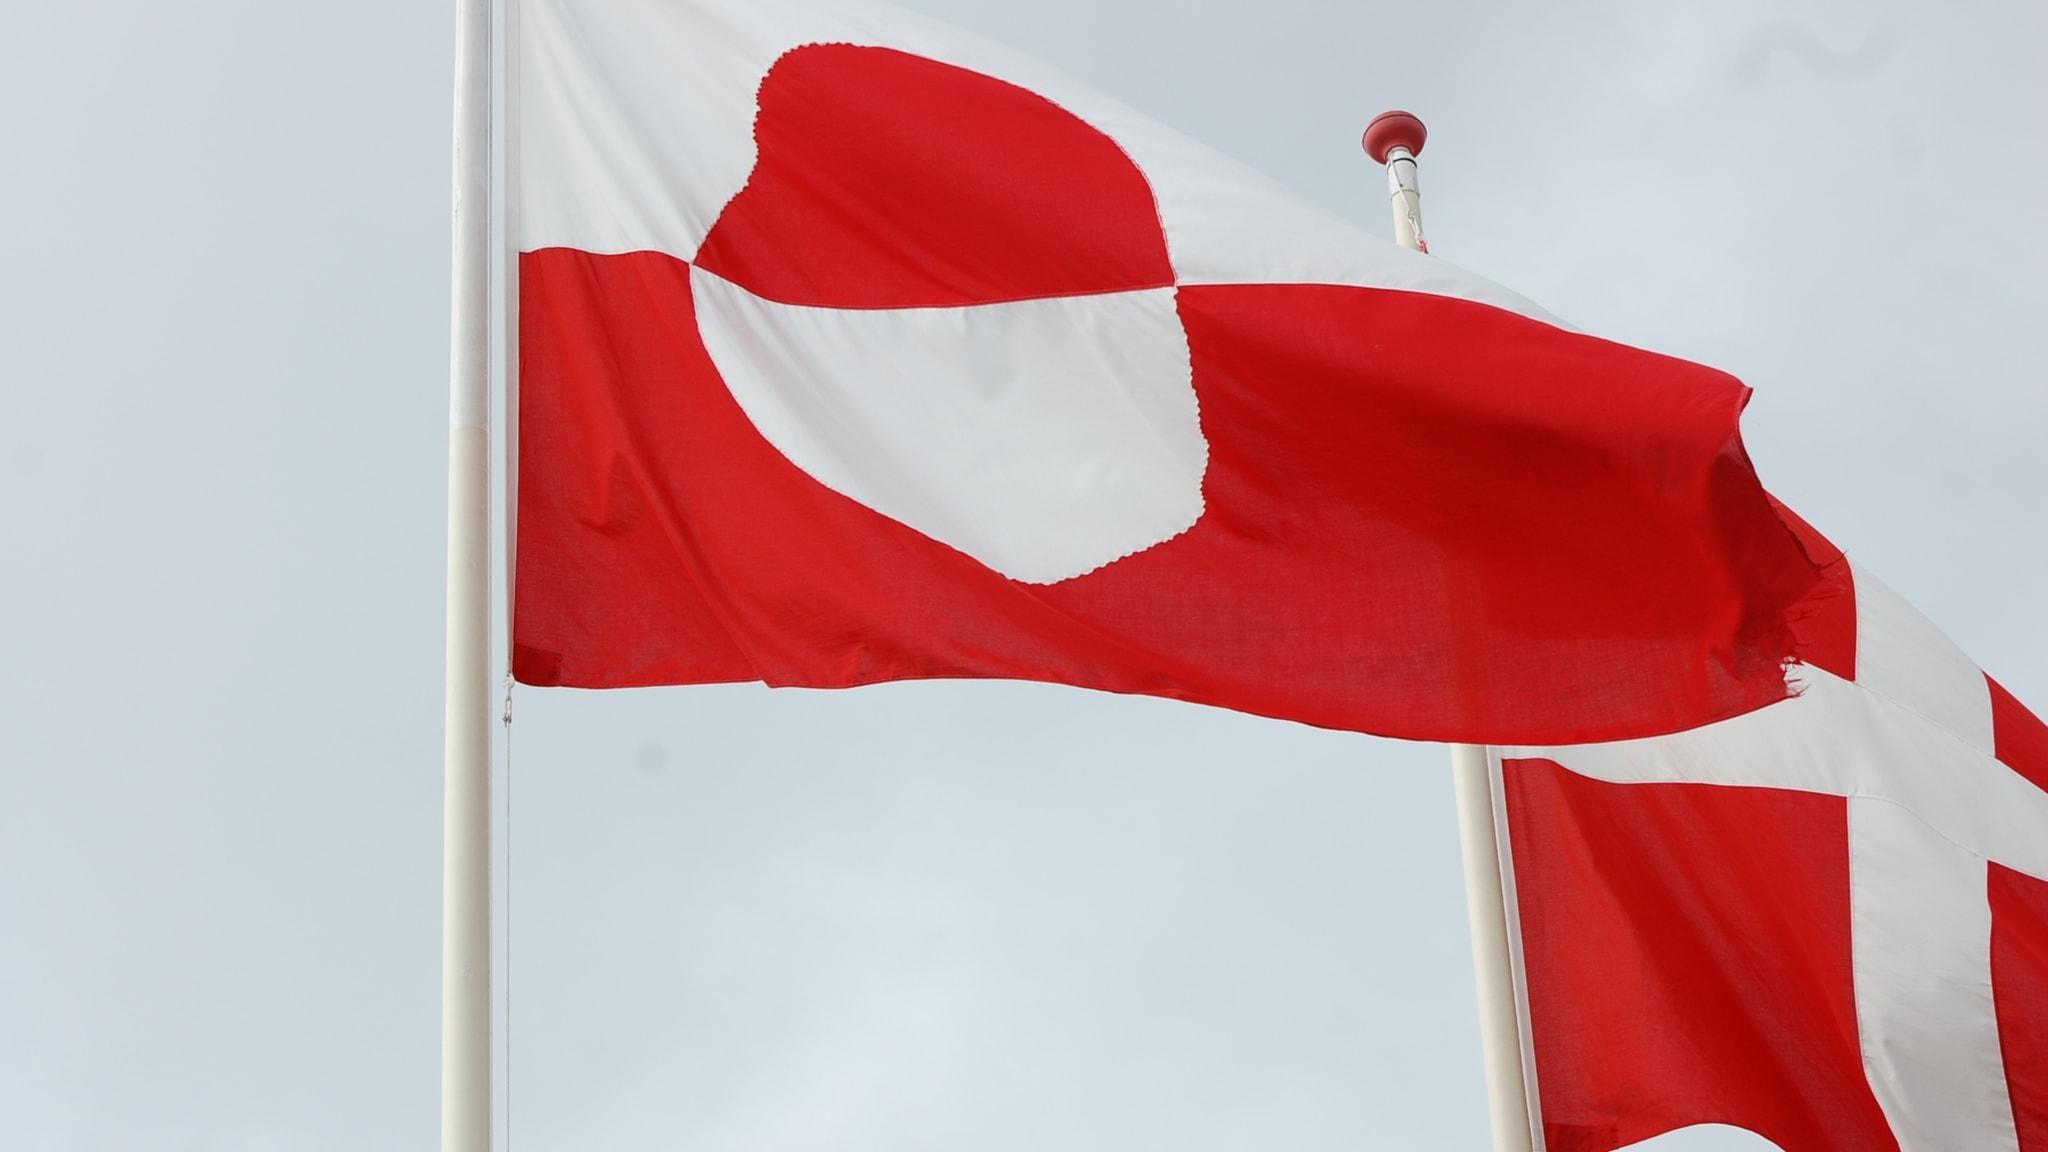 Grönlands dröm om självständighet